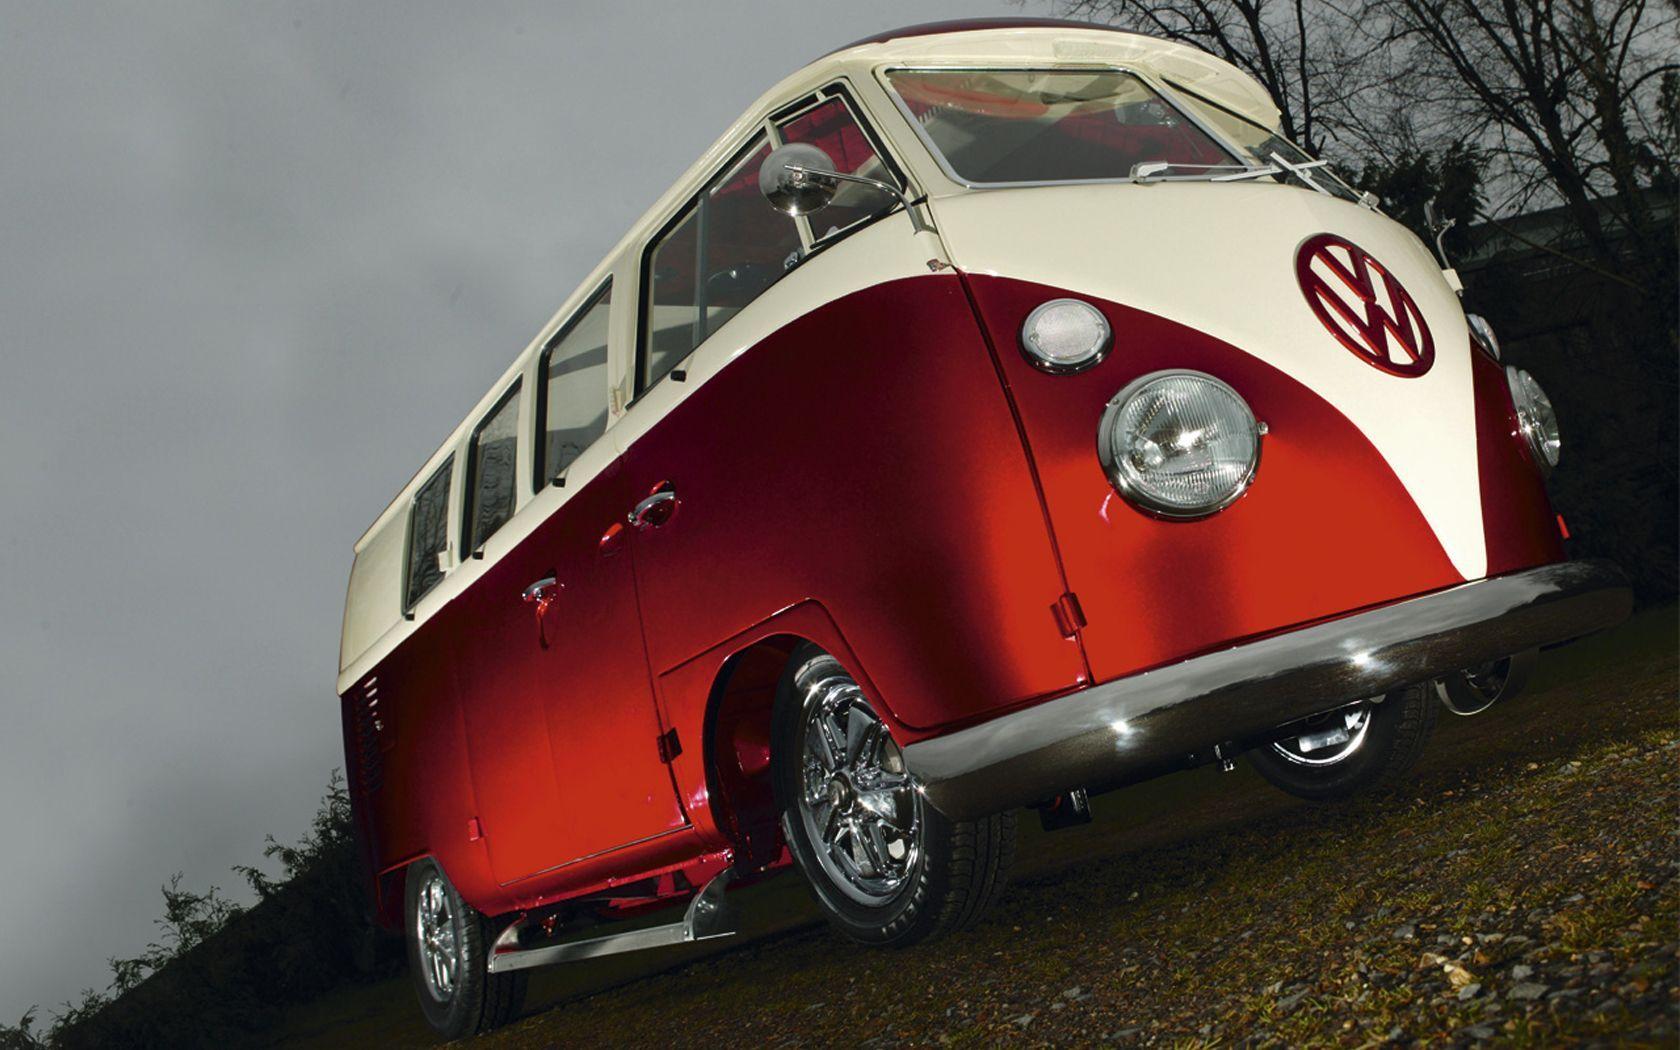 Volkswagen Bus Wallpaper Phone Wf9 Mit Bildern Transporter